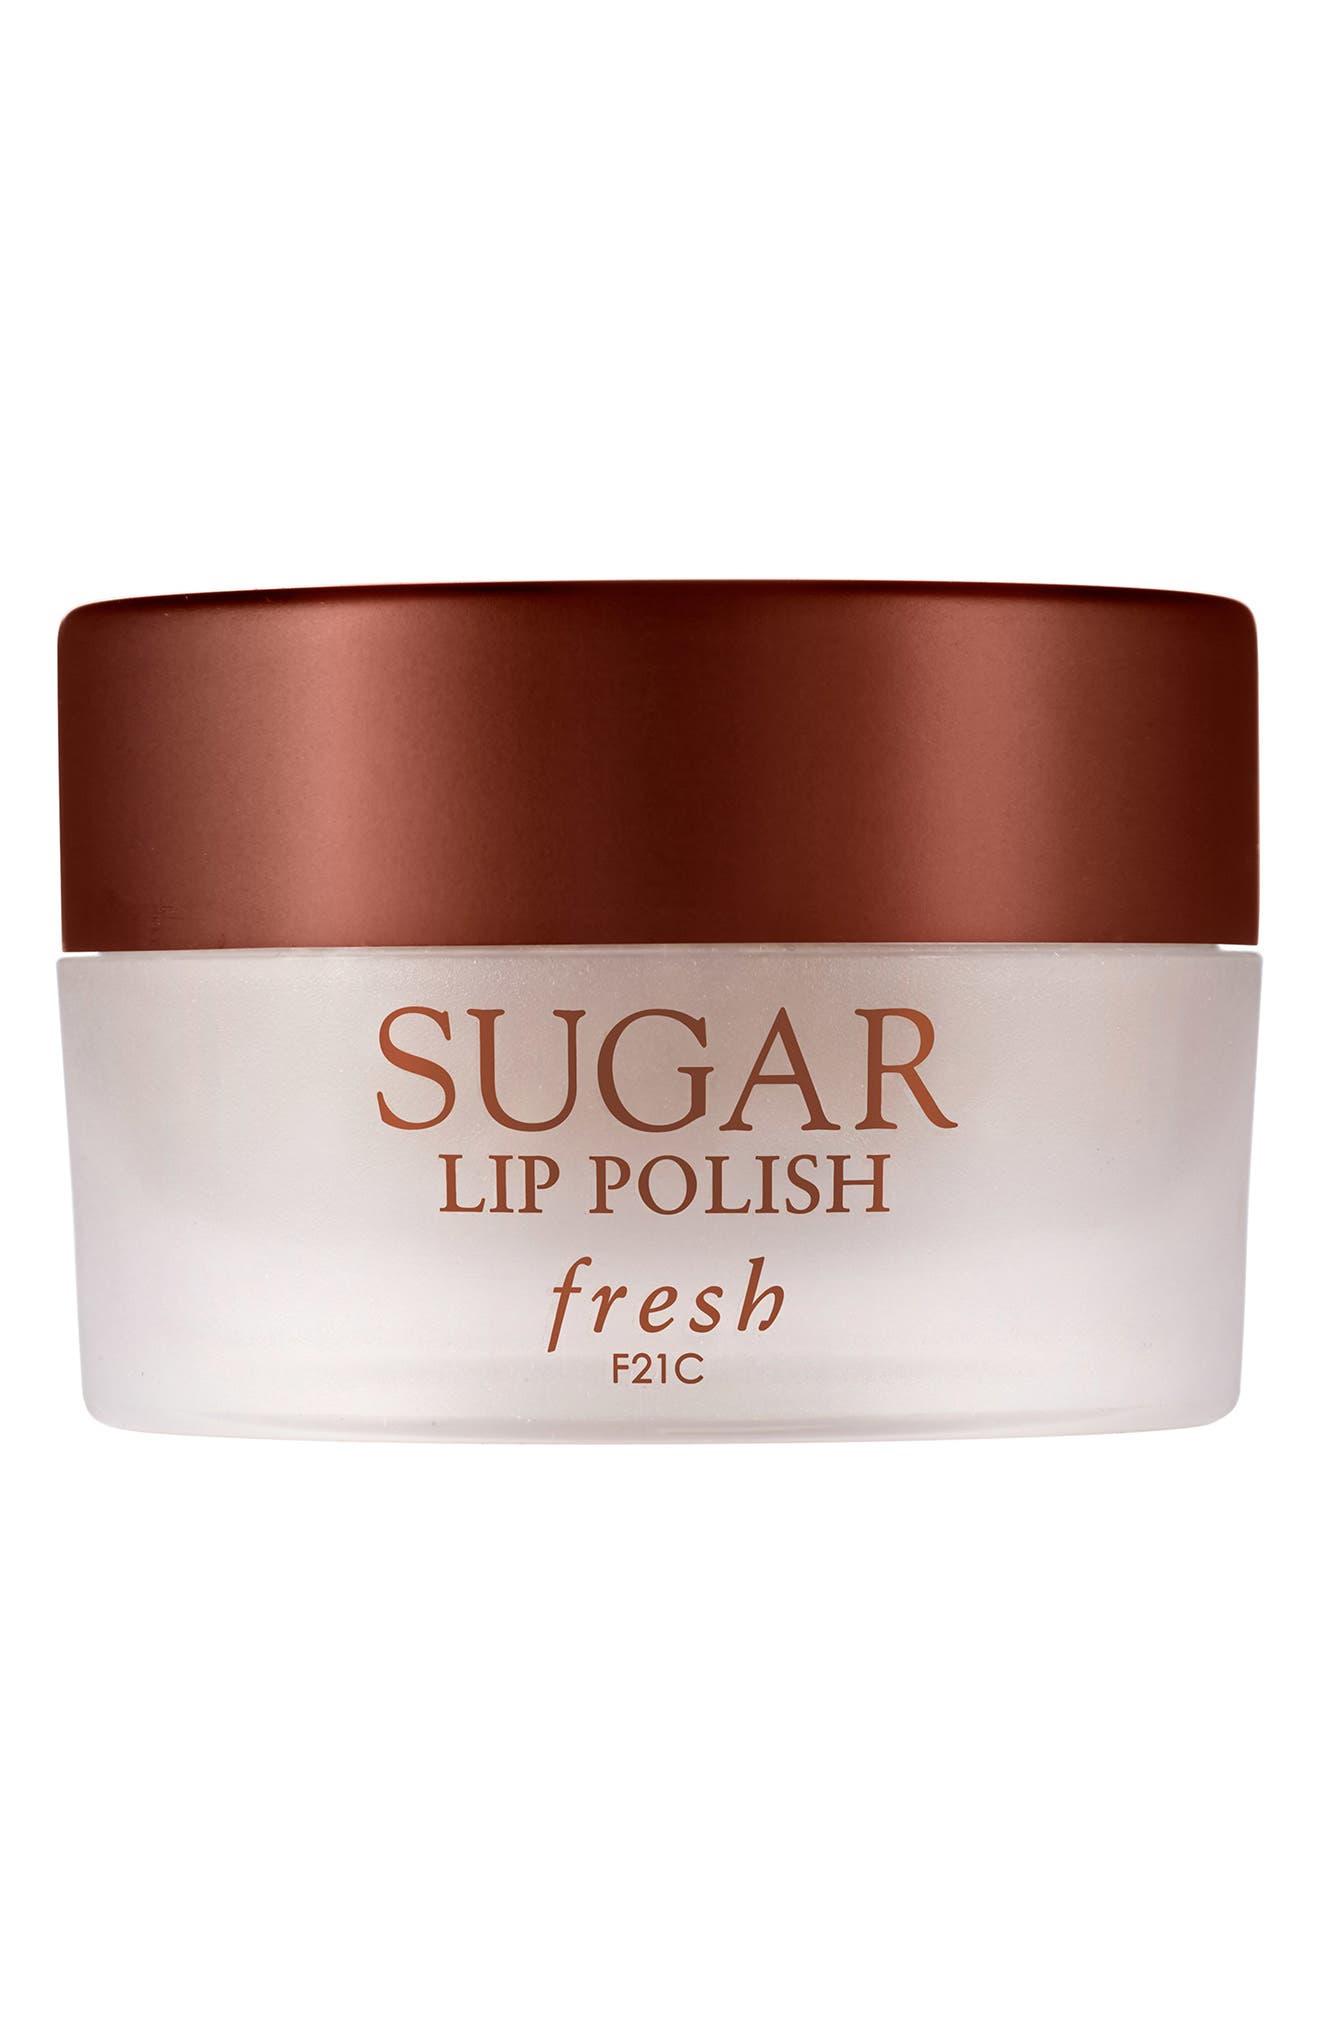 Sugar Lip Polish Exfoliator | Nordstrom